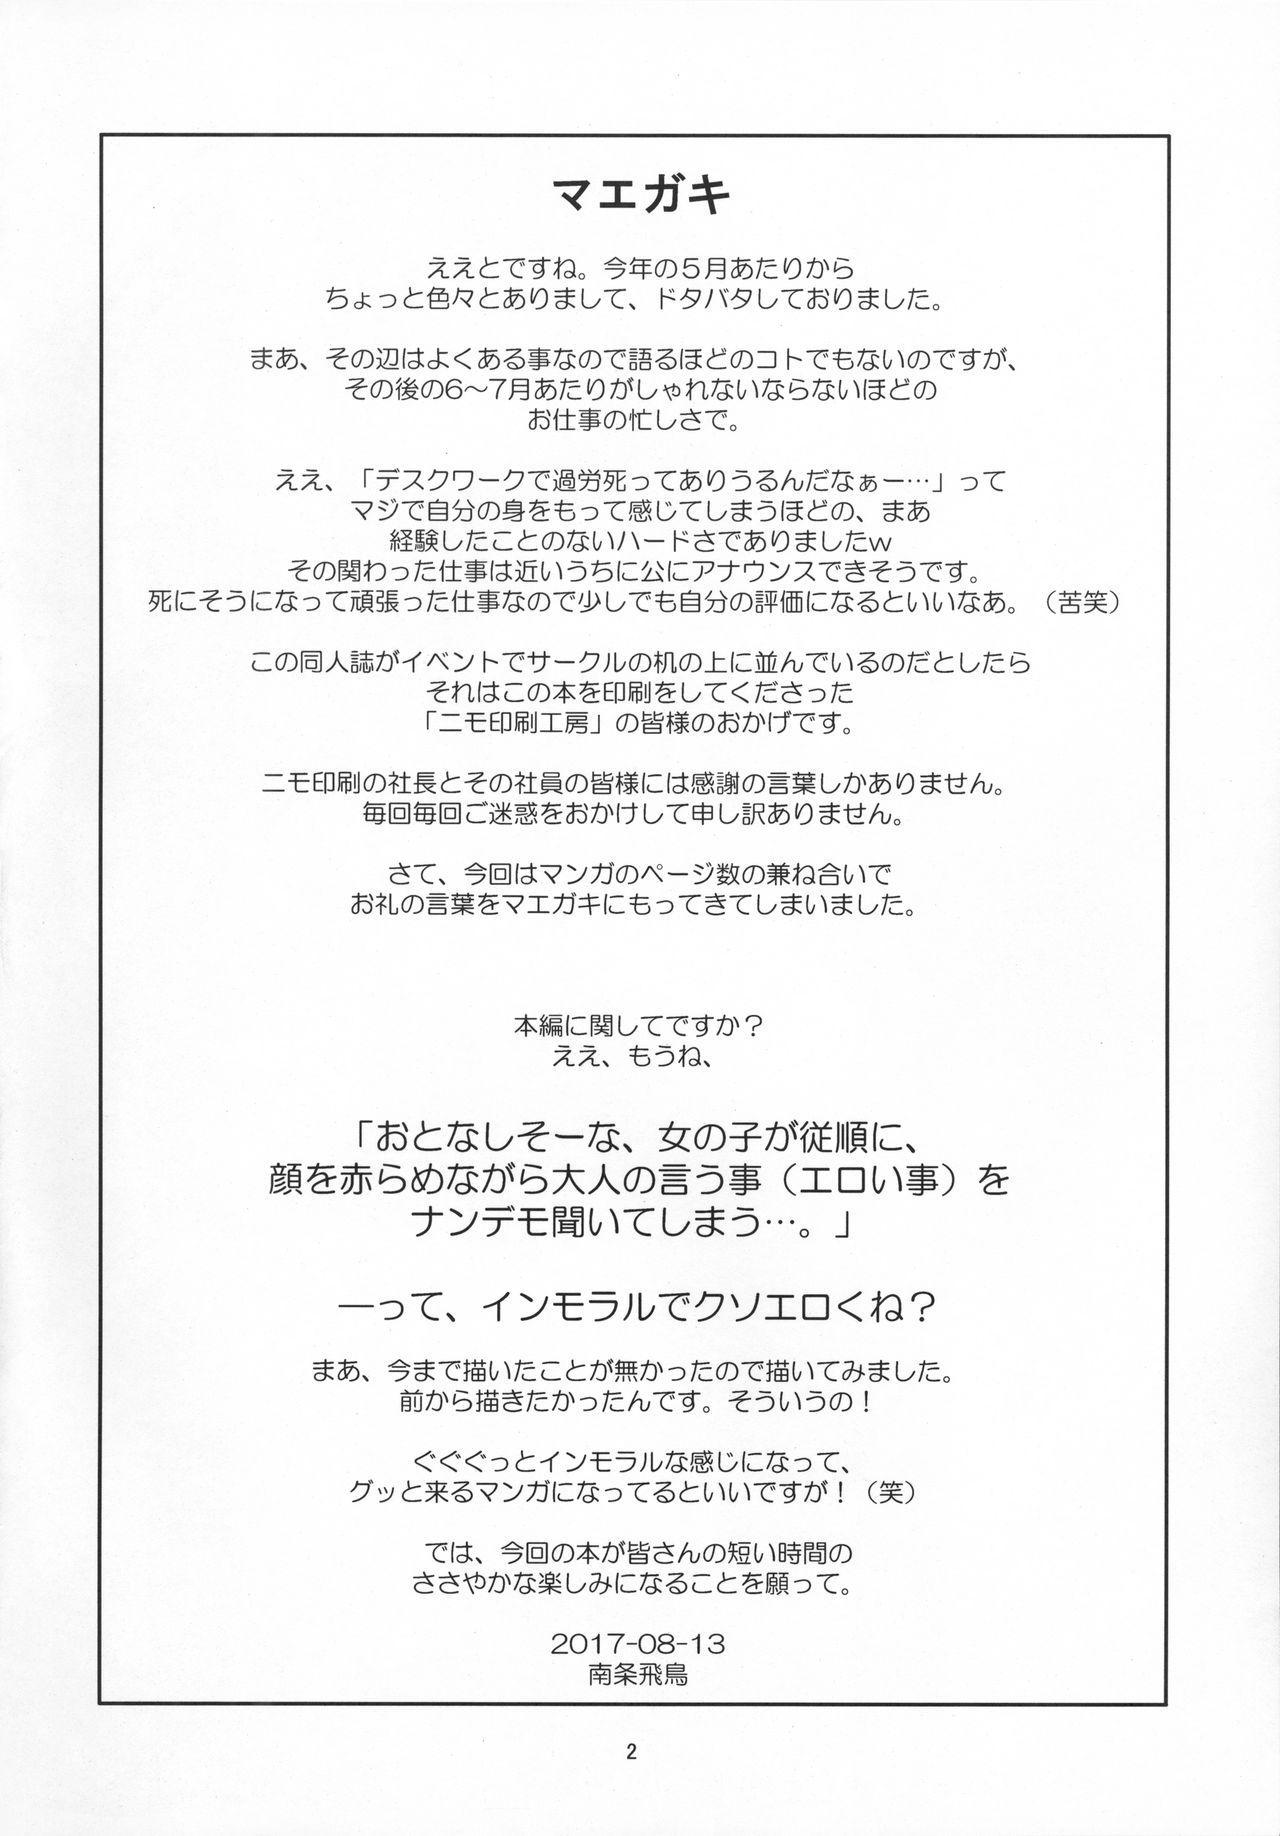 Heisei 29-nendo Tokushu Ginou Yuushuu Seito Shidou Youkou 3